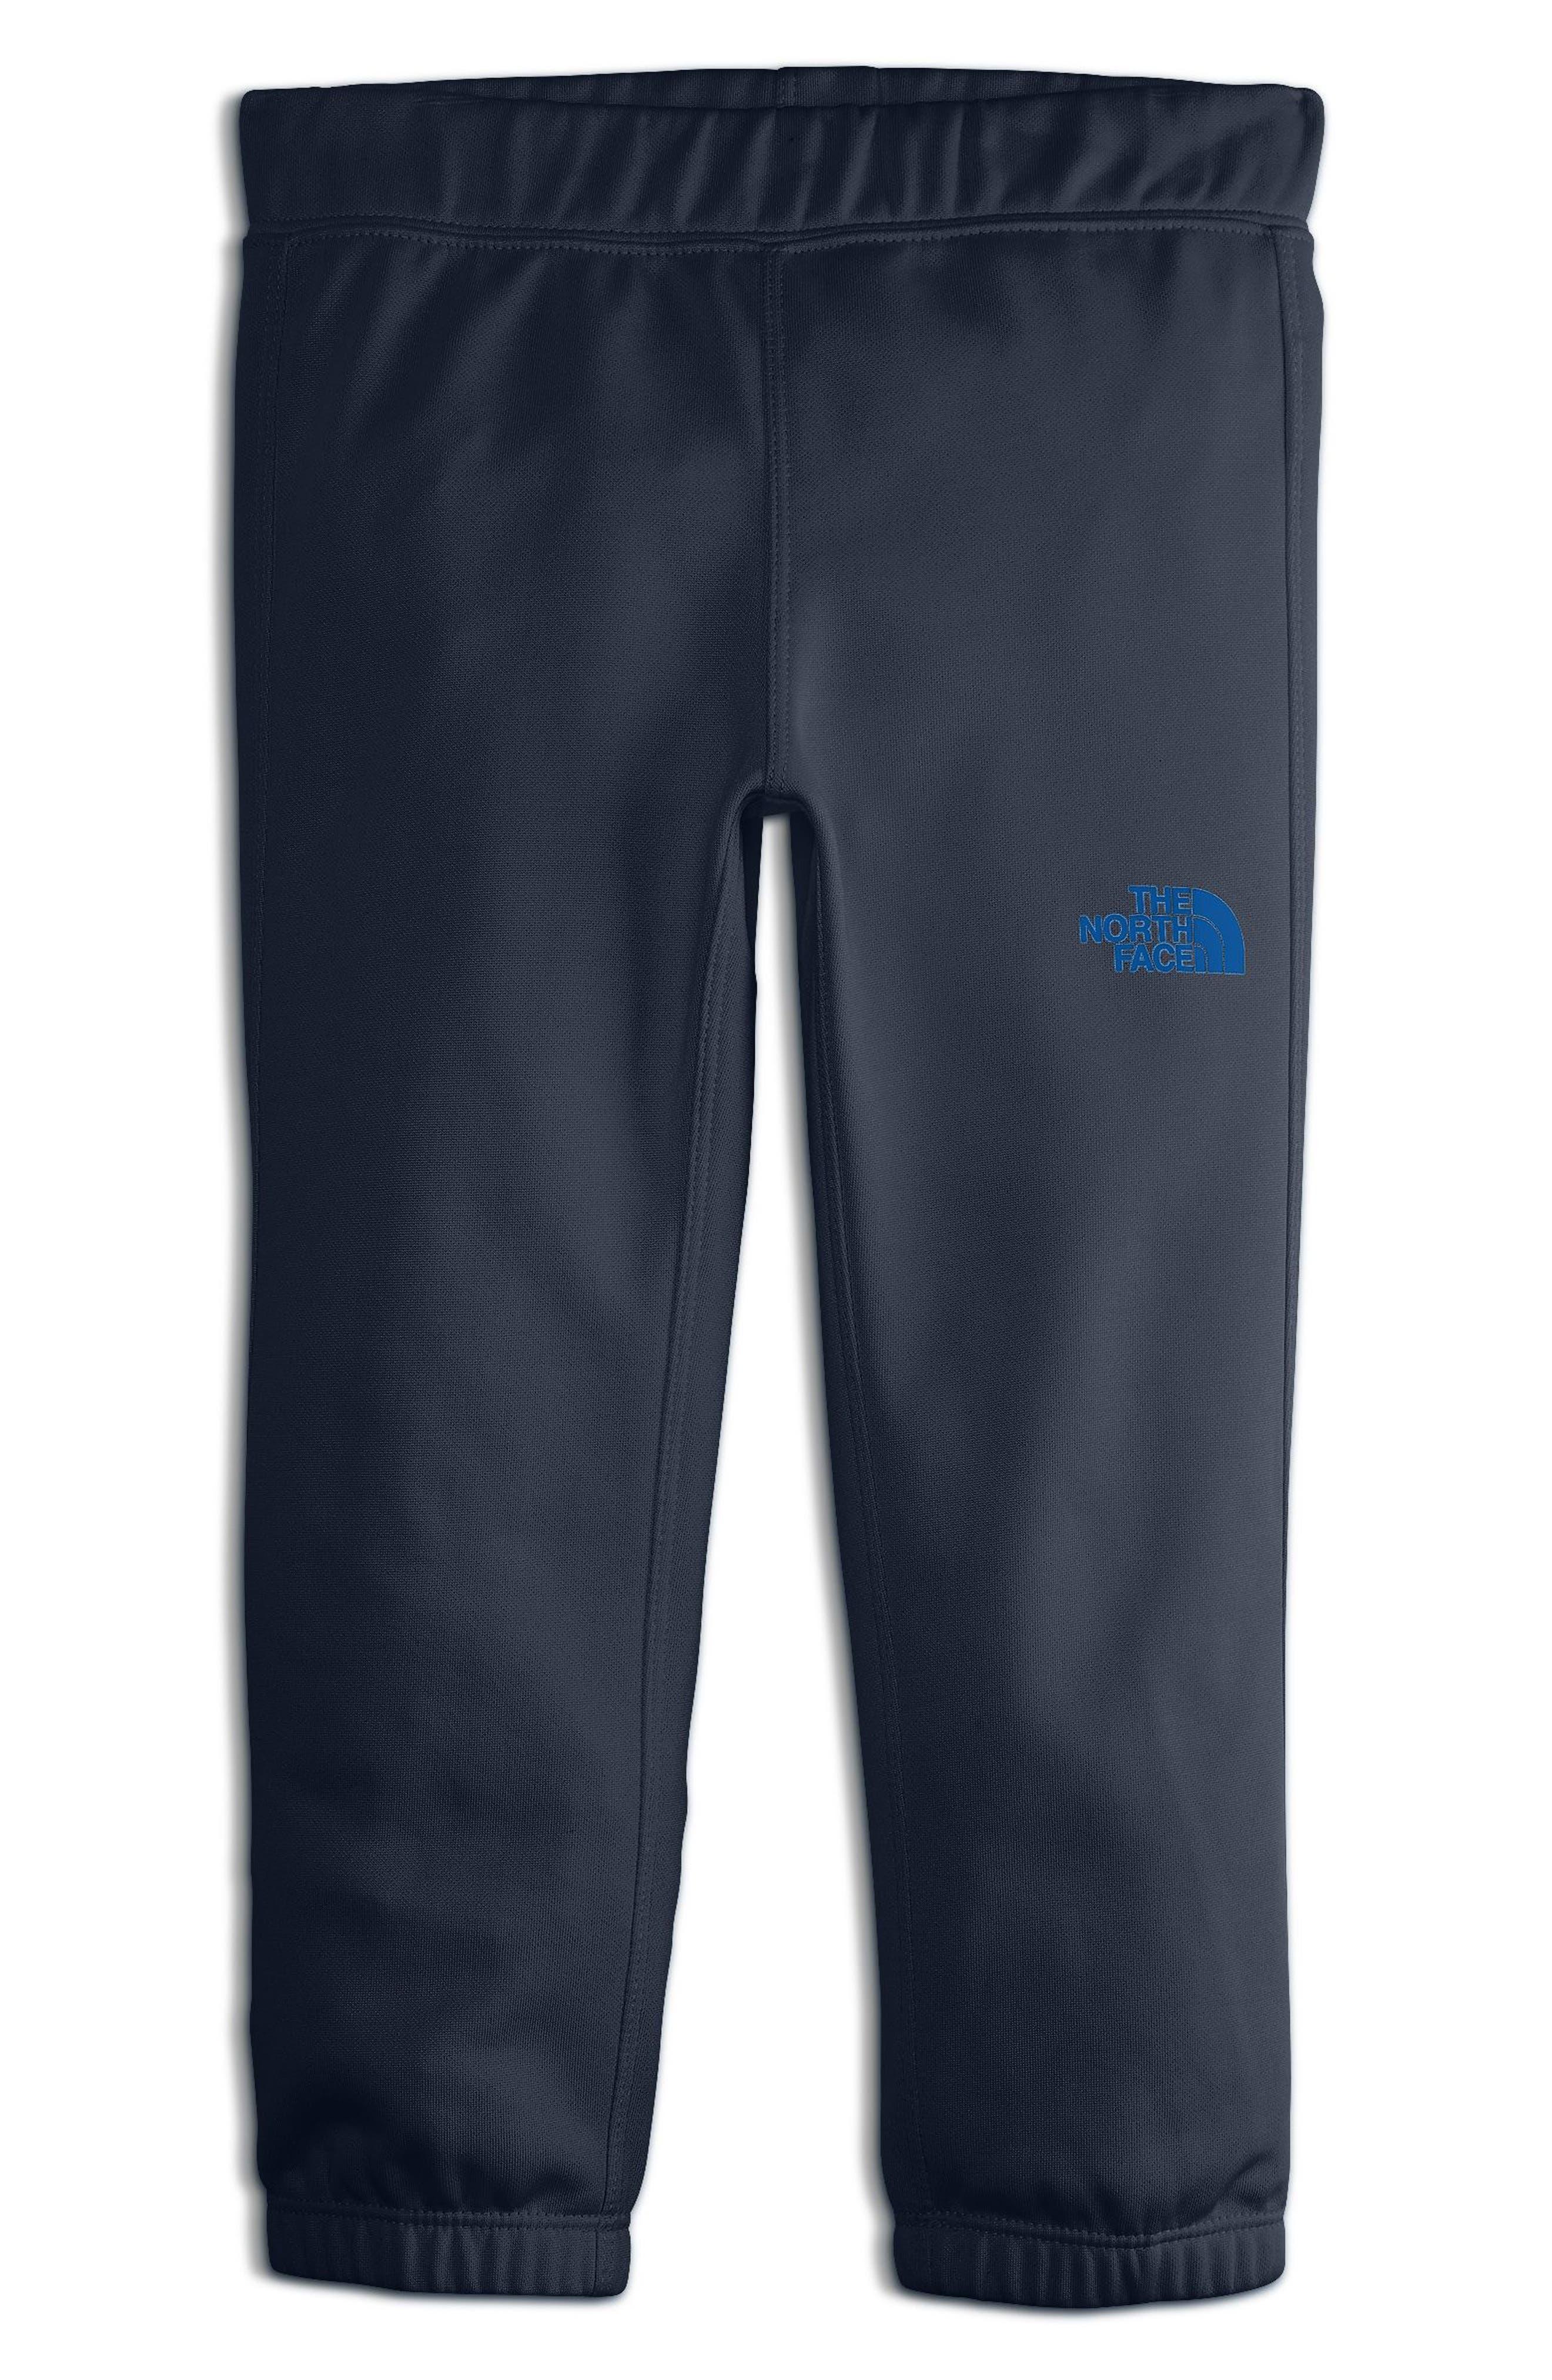 Surgent Sweatpants,                         Main,                         color, Cosmic Blue